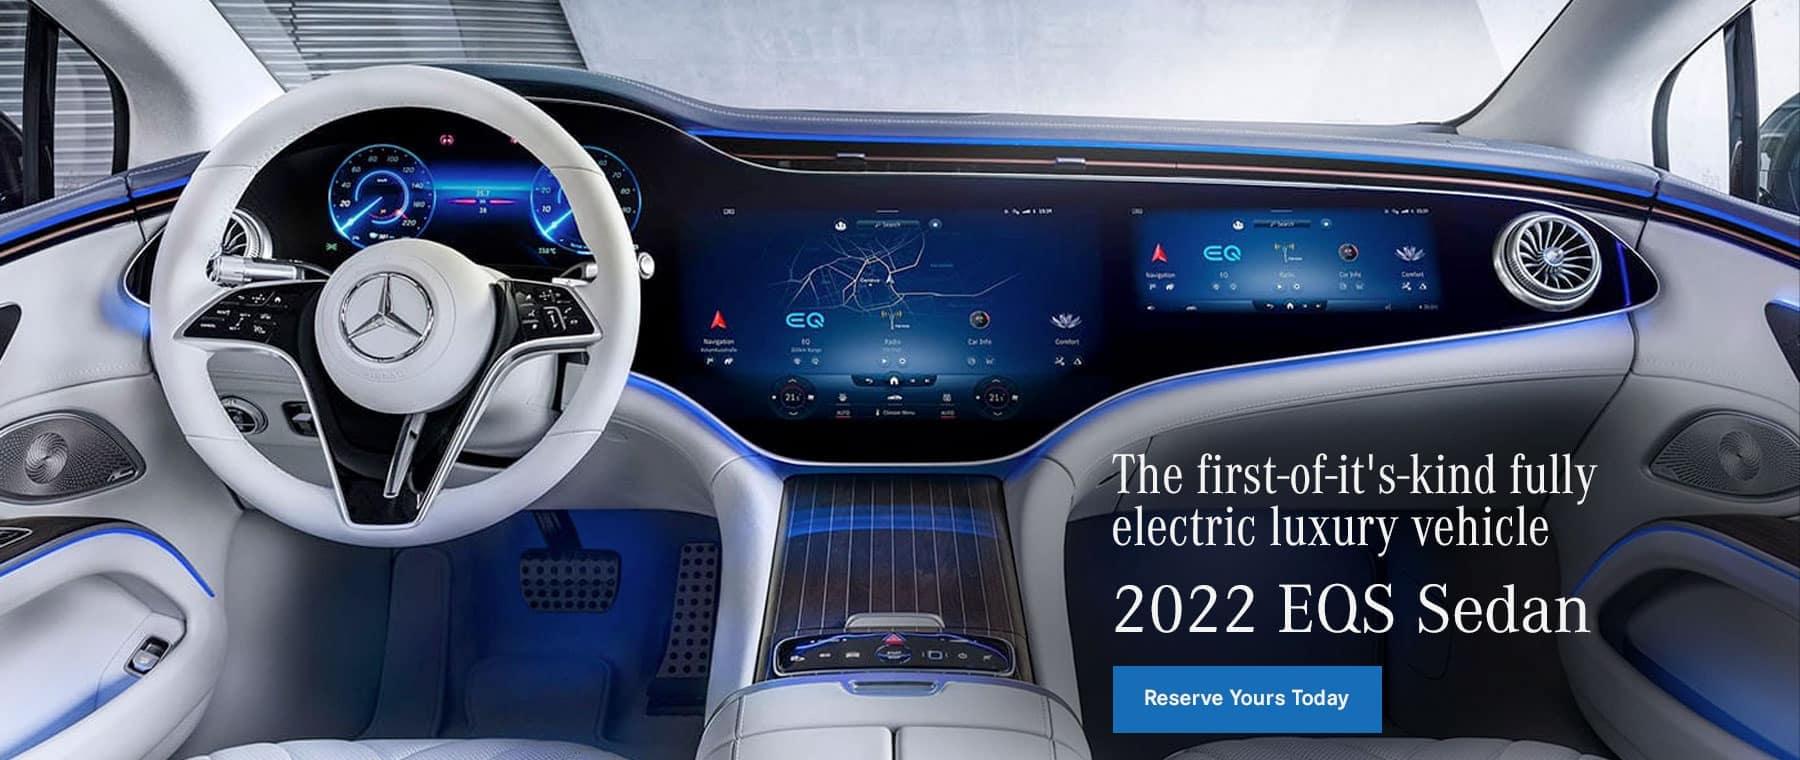 2022 EQS Sedan